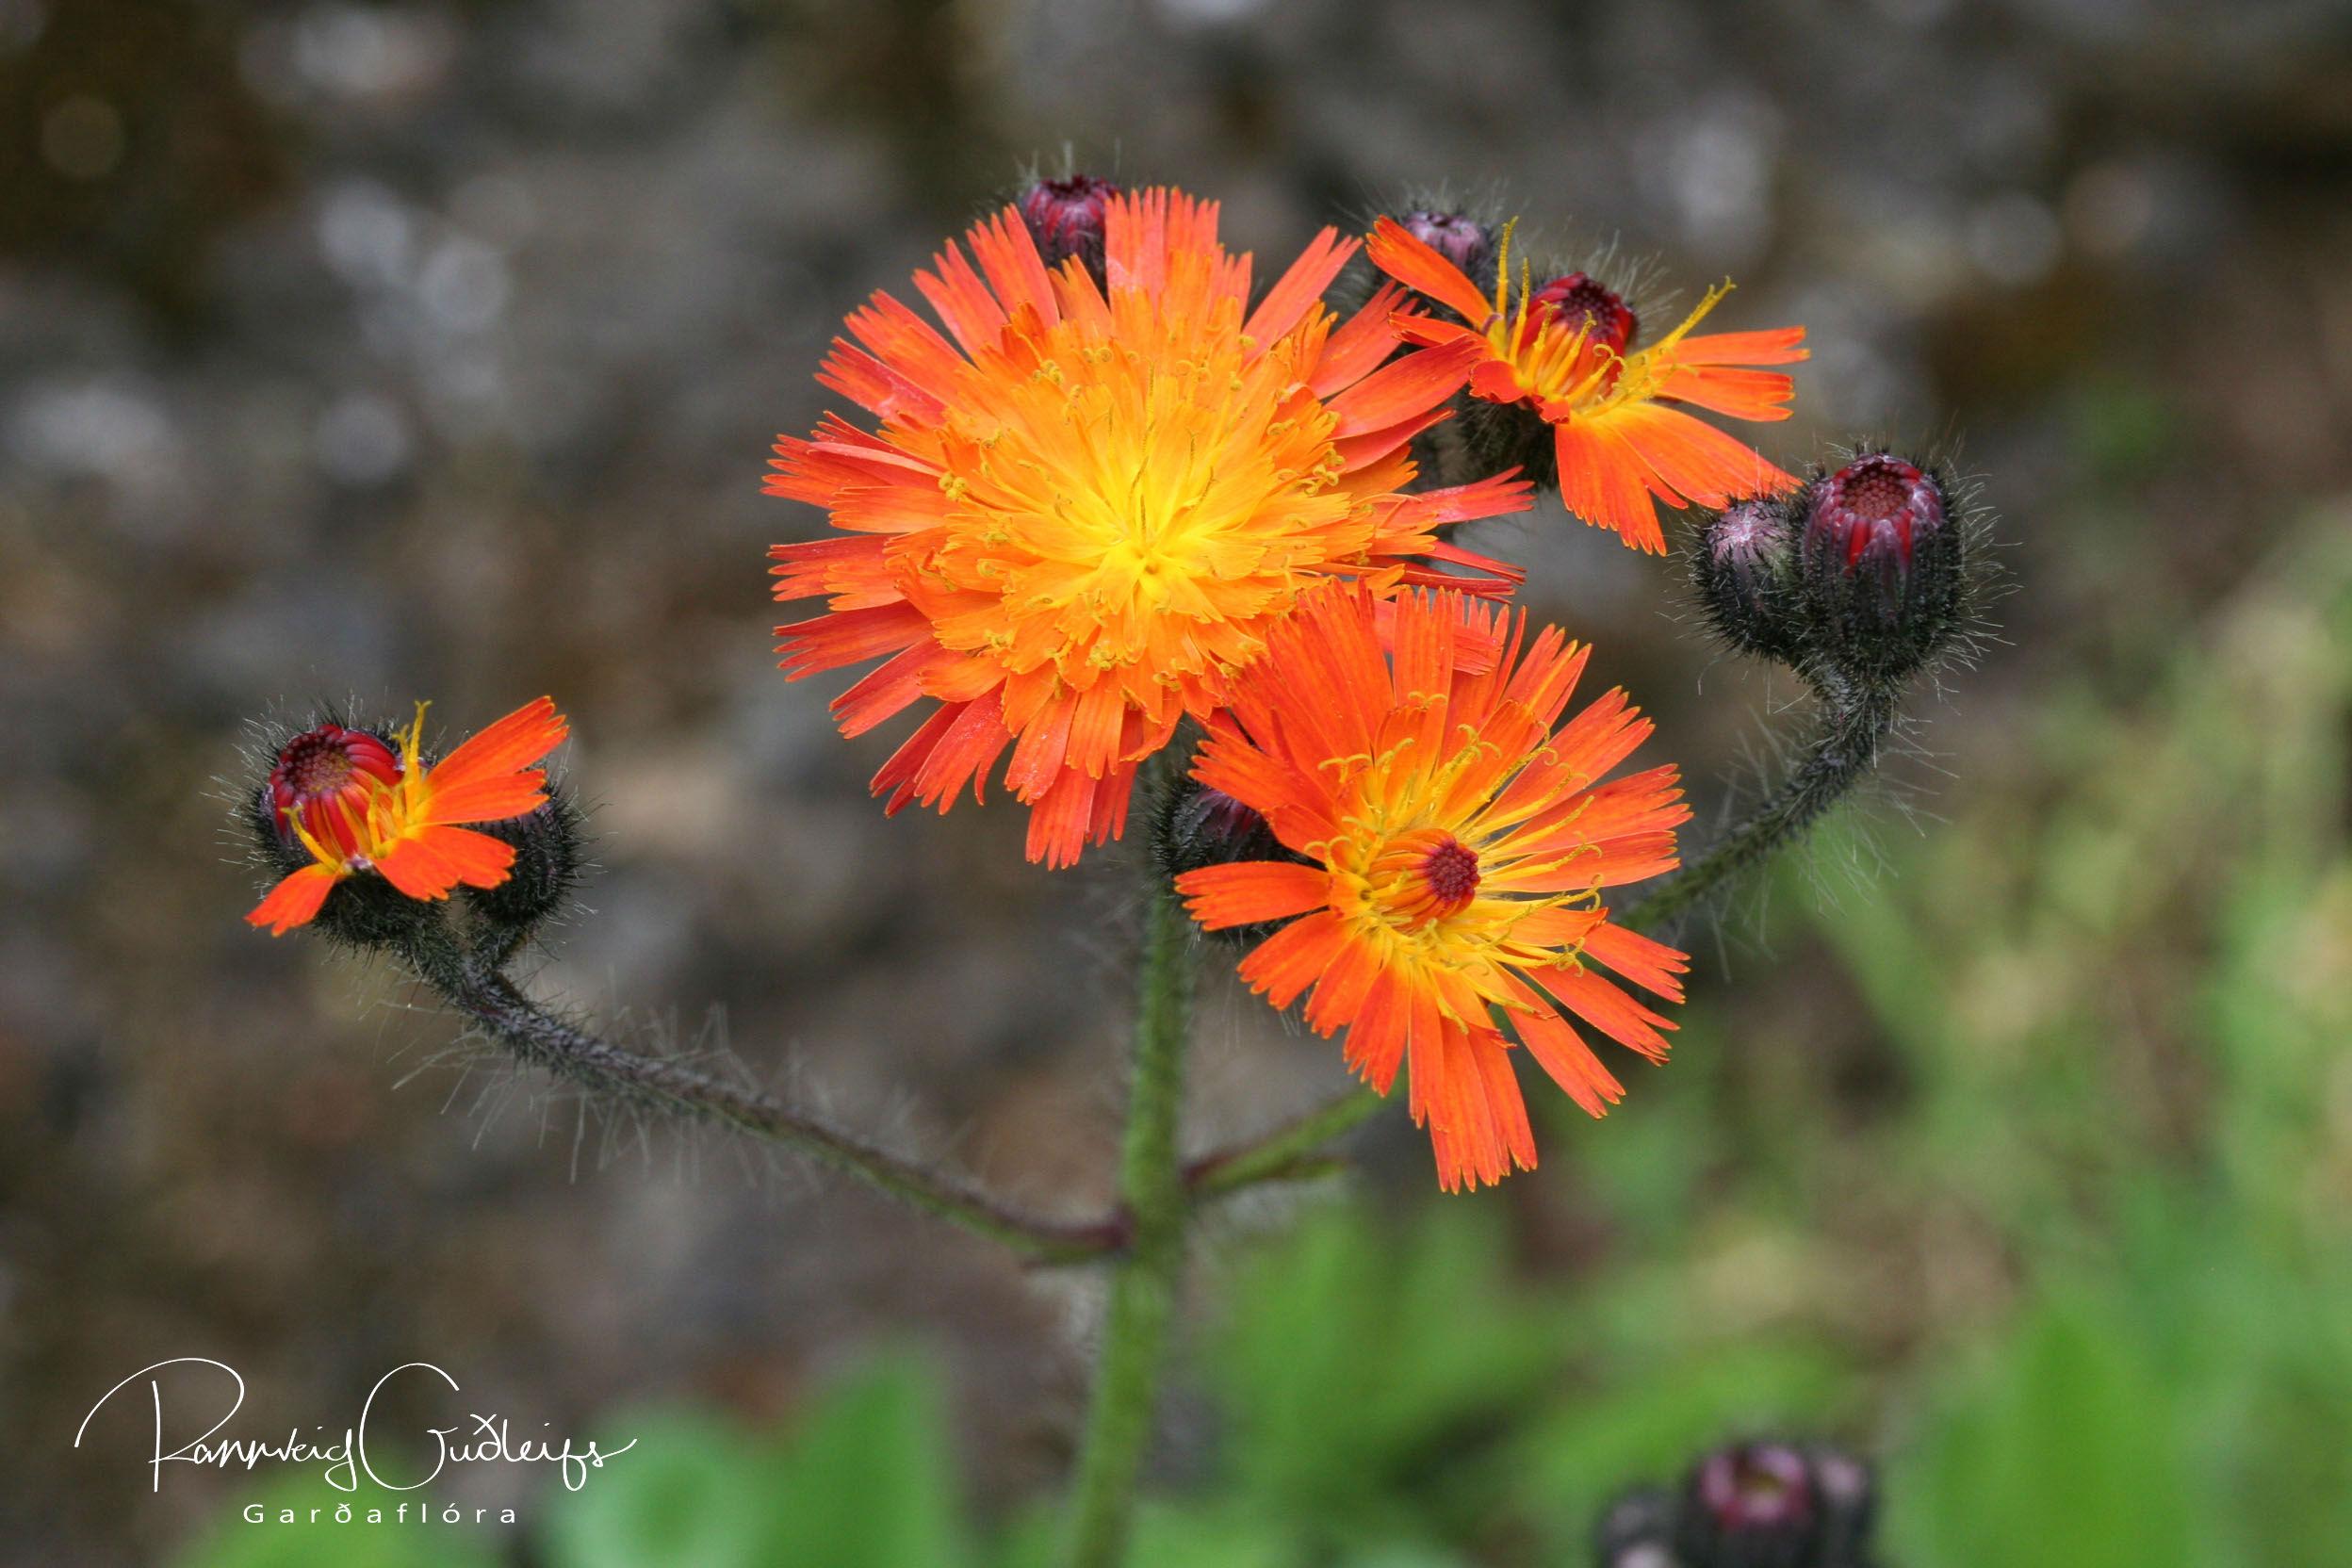 Hieracium aurantiacum (Pilosella aurantiaca)